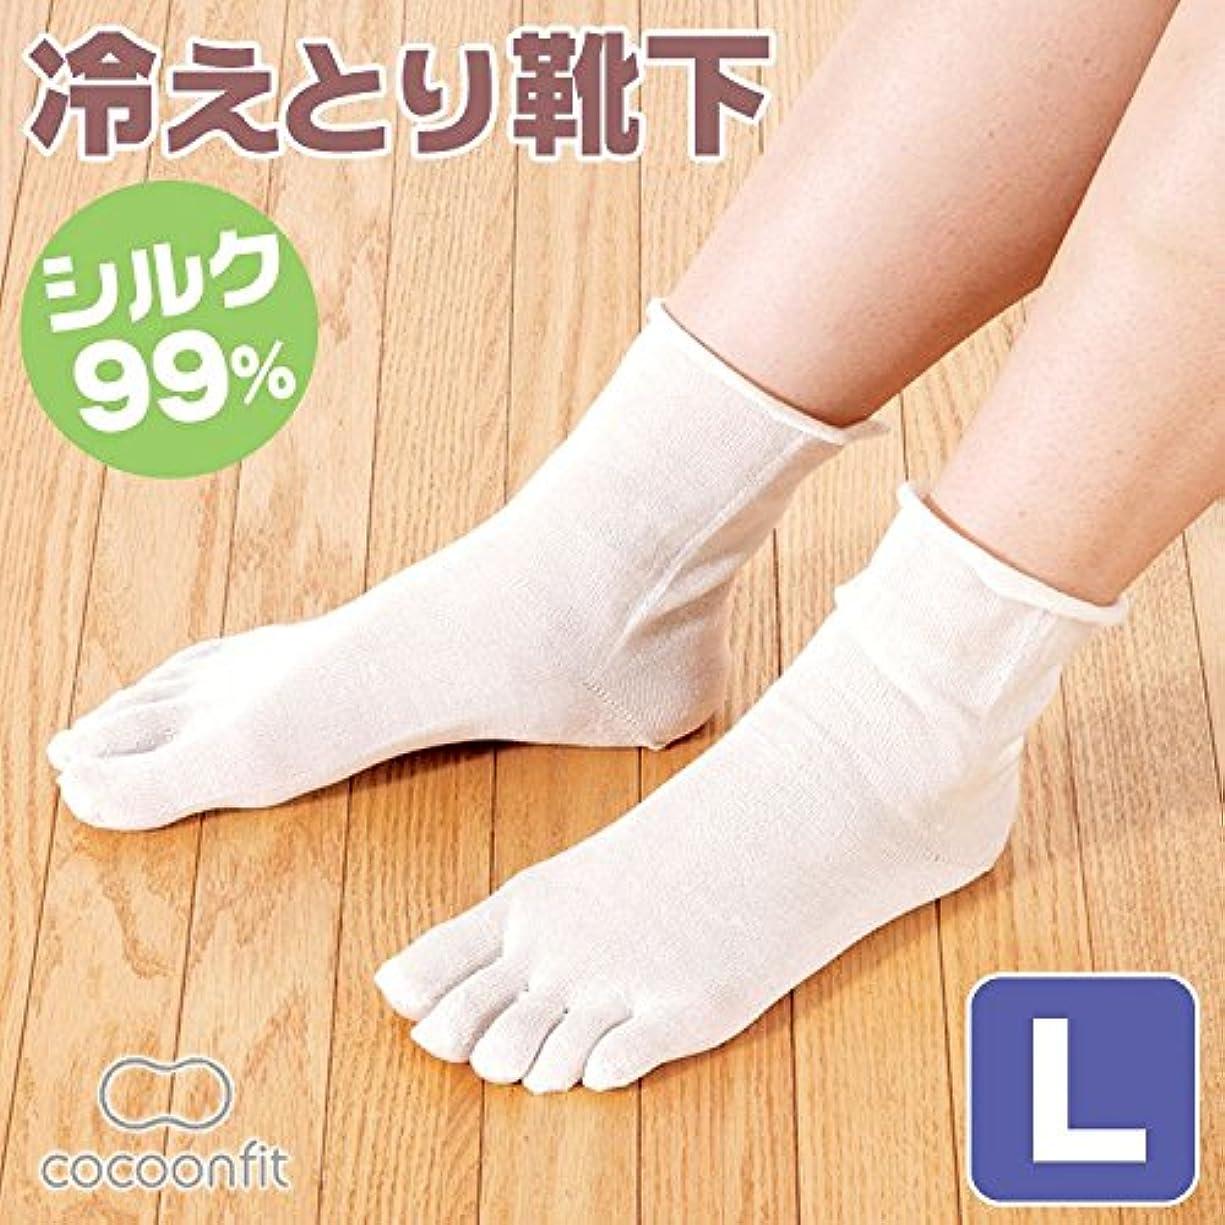 つかいます器用再生的冷え取り靴下 5本指ソックス シルク[Lサイズ:25~27cm] ※重ね履き靴下の1枚目のみ cocoonfit